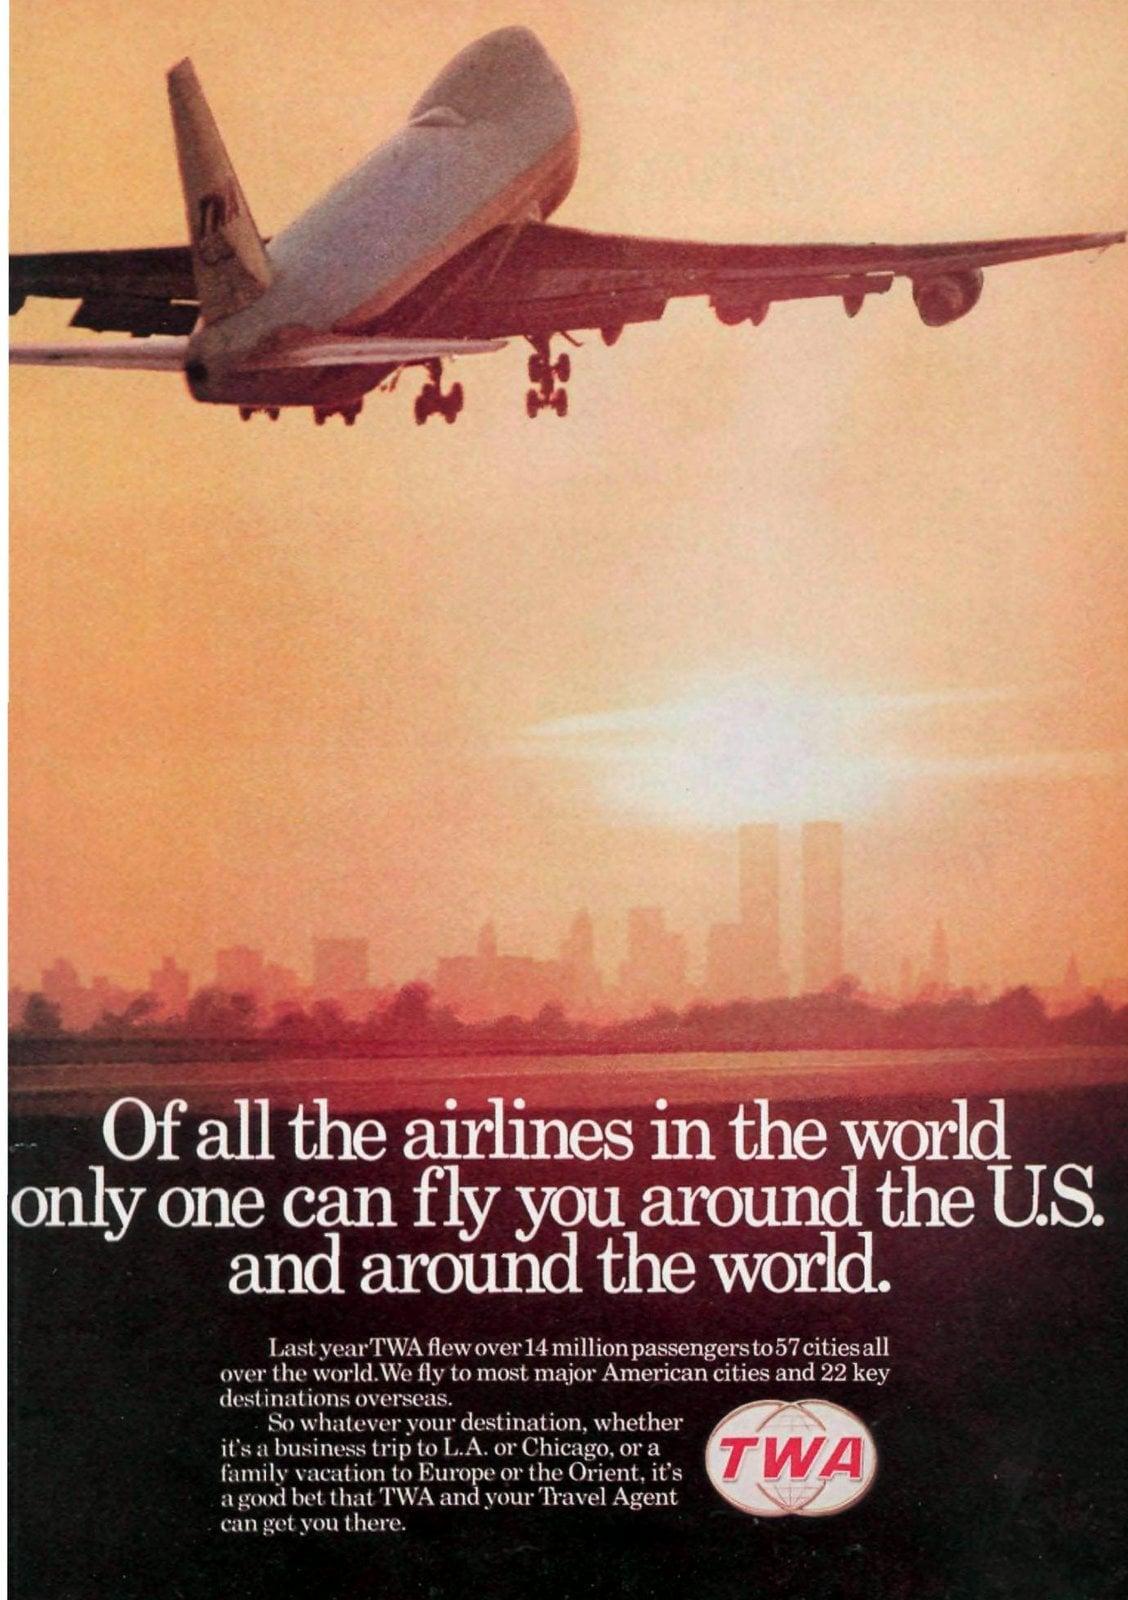 TWA - Fly around the world (1974)